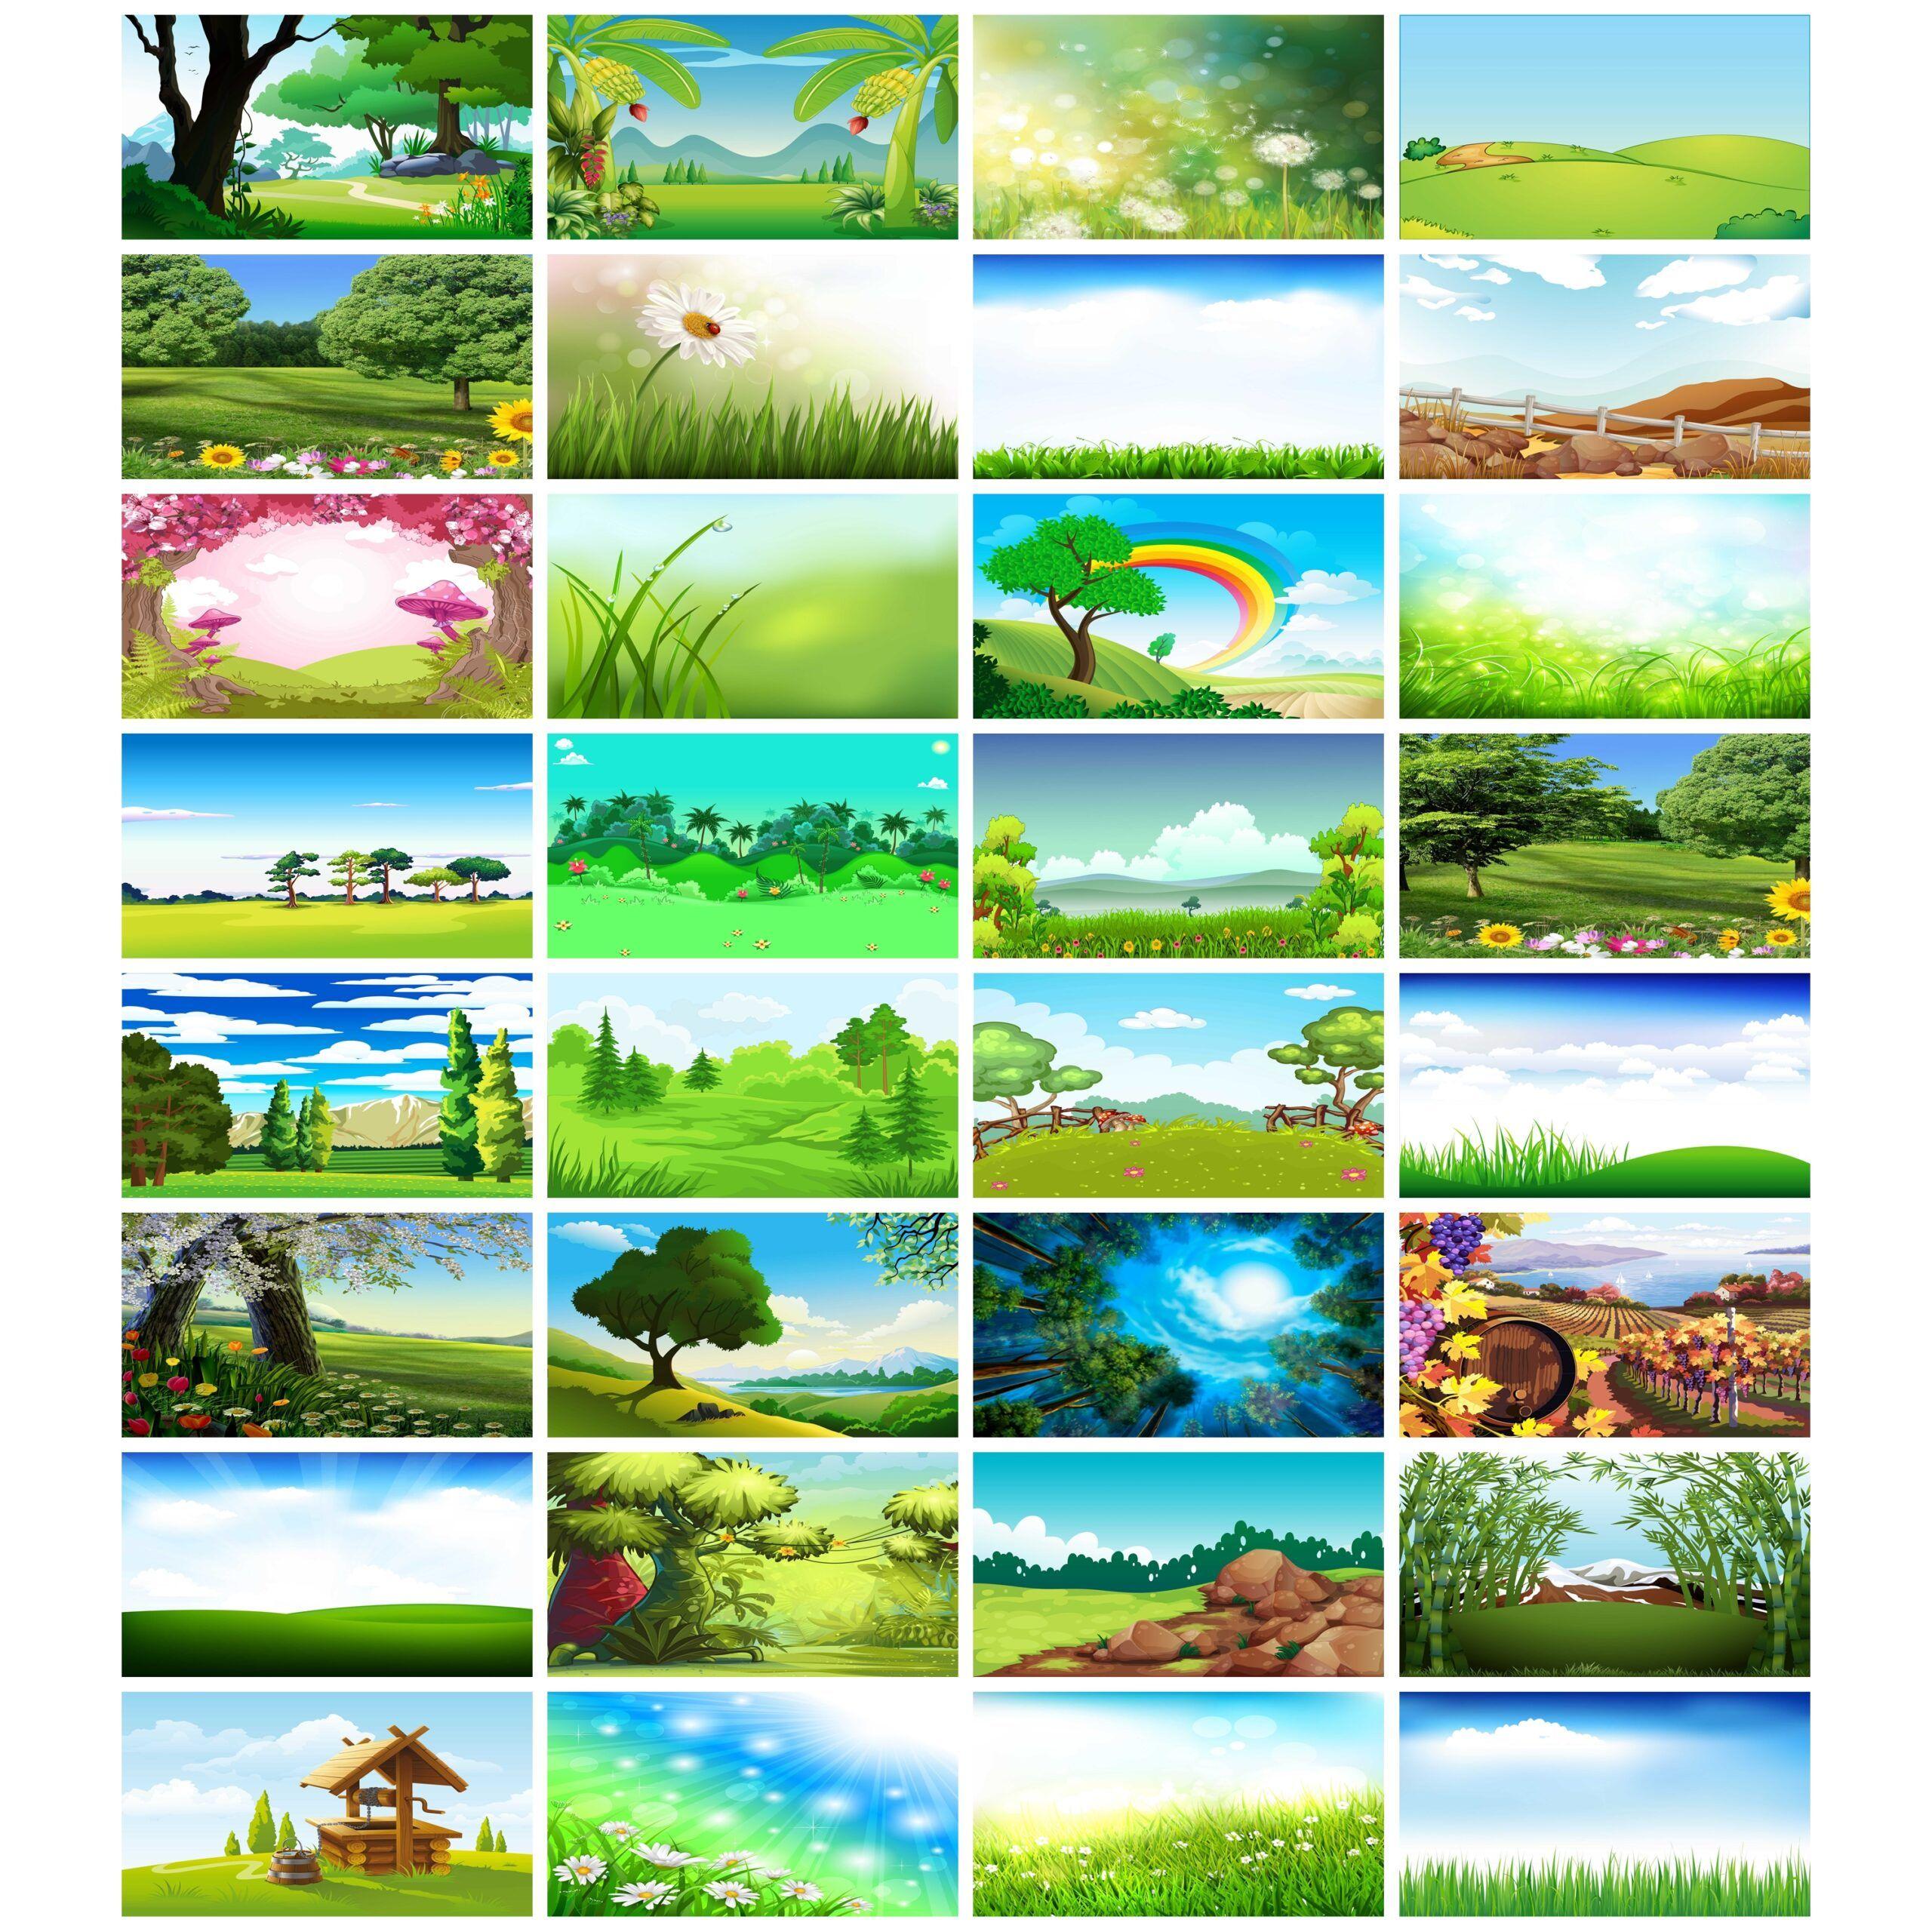 خلفيات العشب الأخضر لعروض البوربوينت In 2021